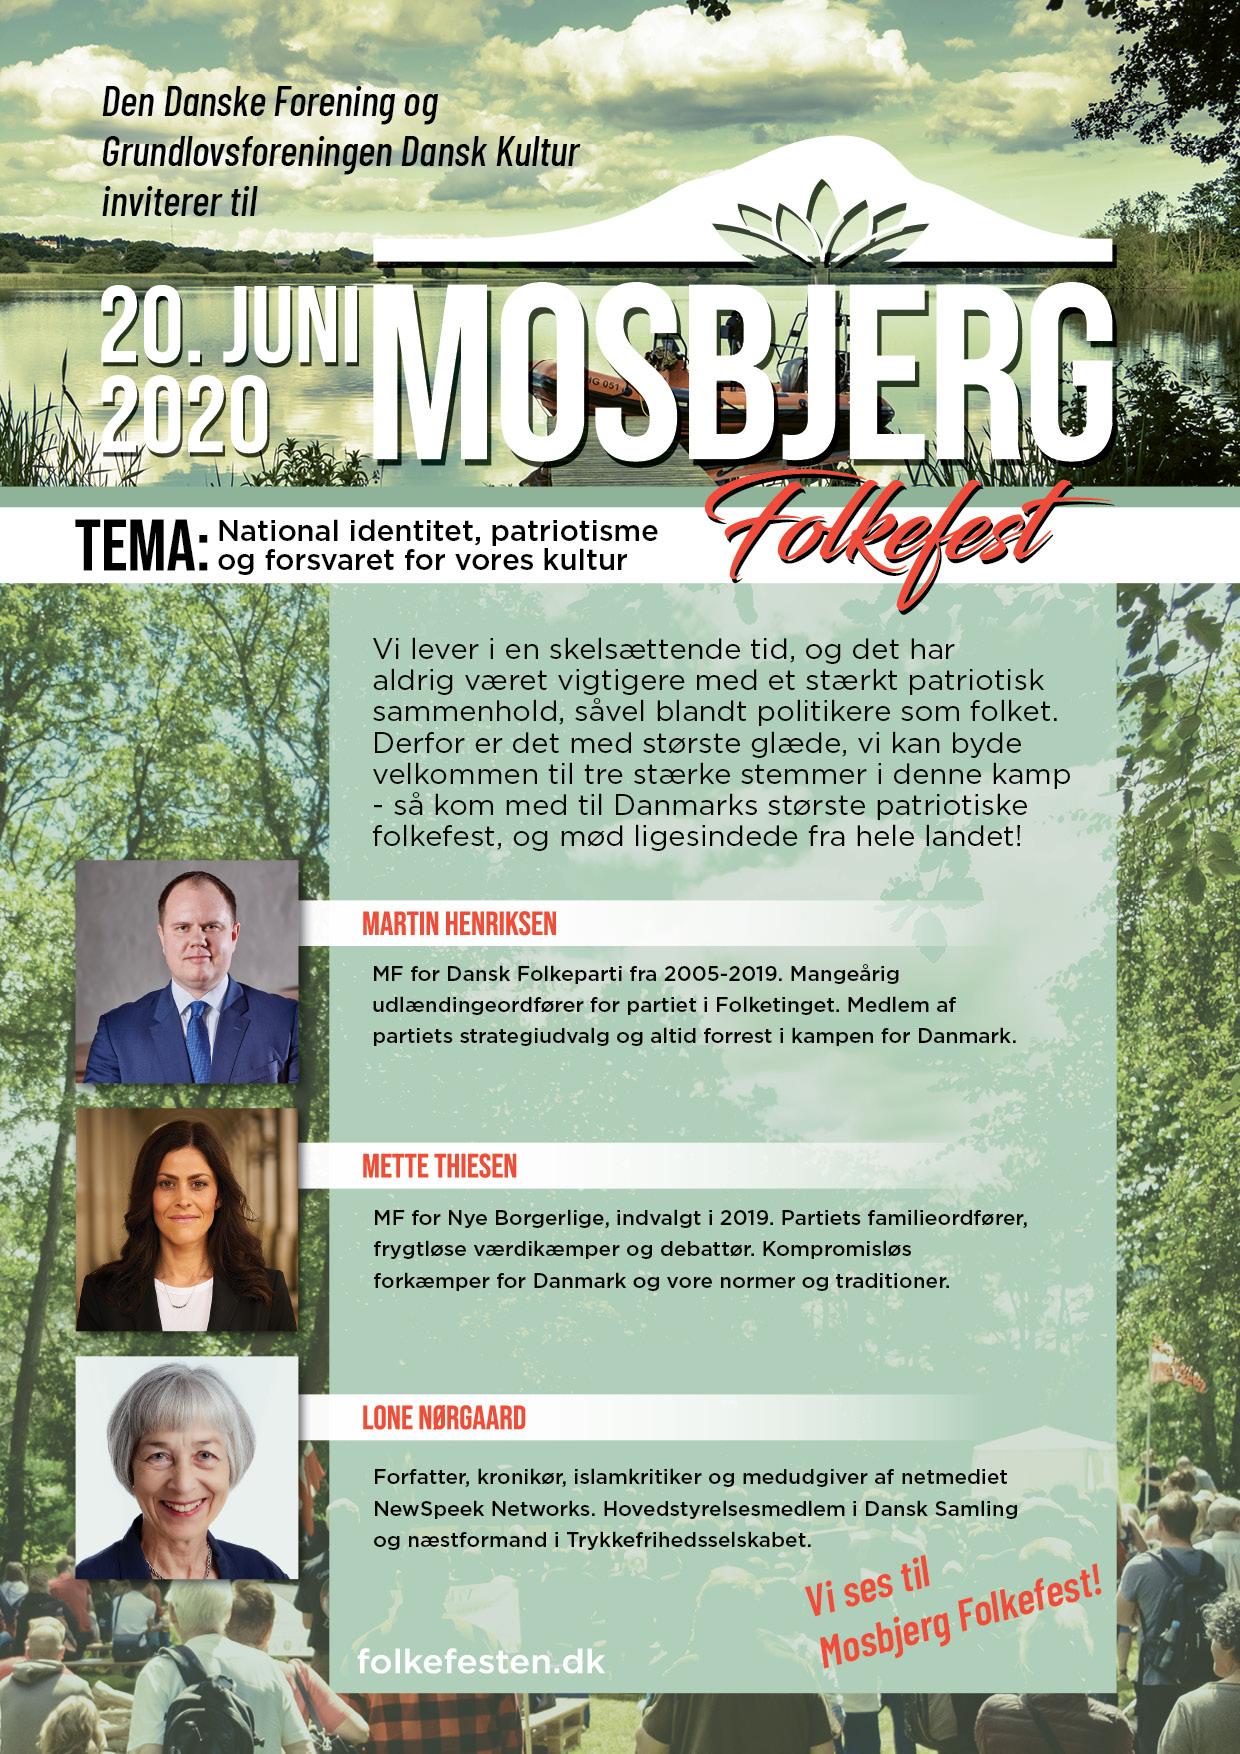 Mosbjerg Folkefest Flyer 2020